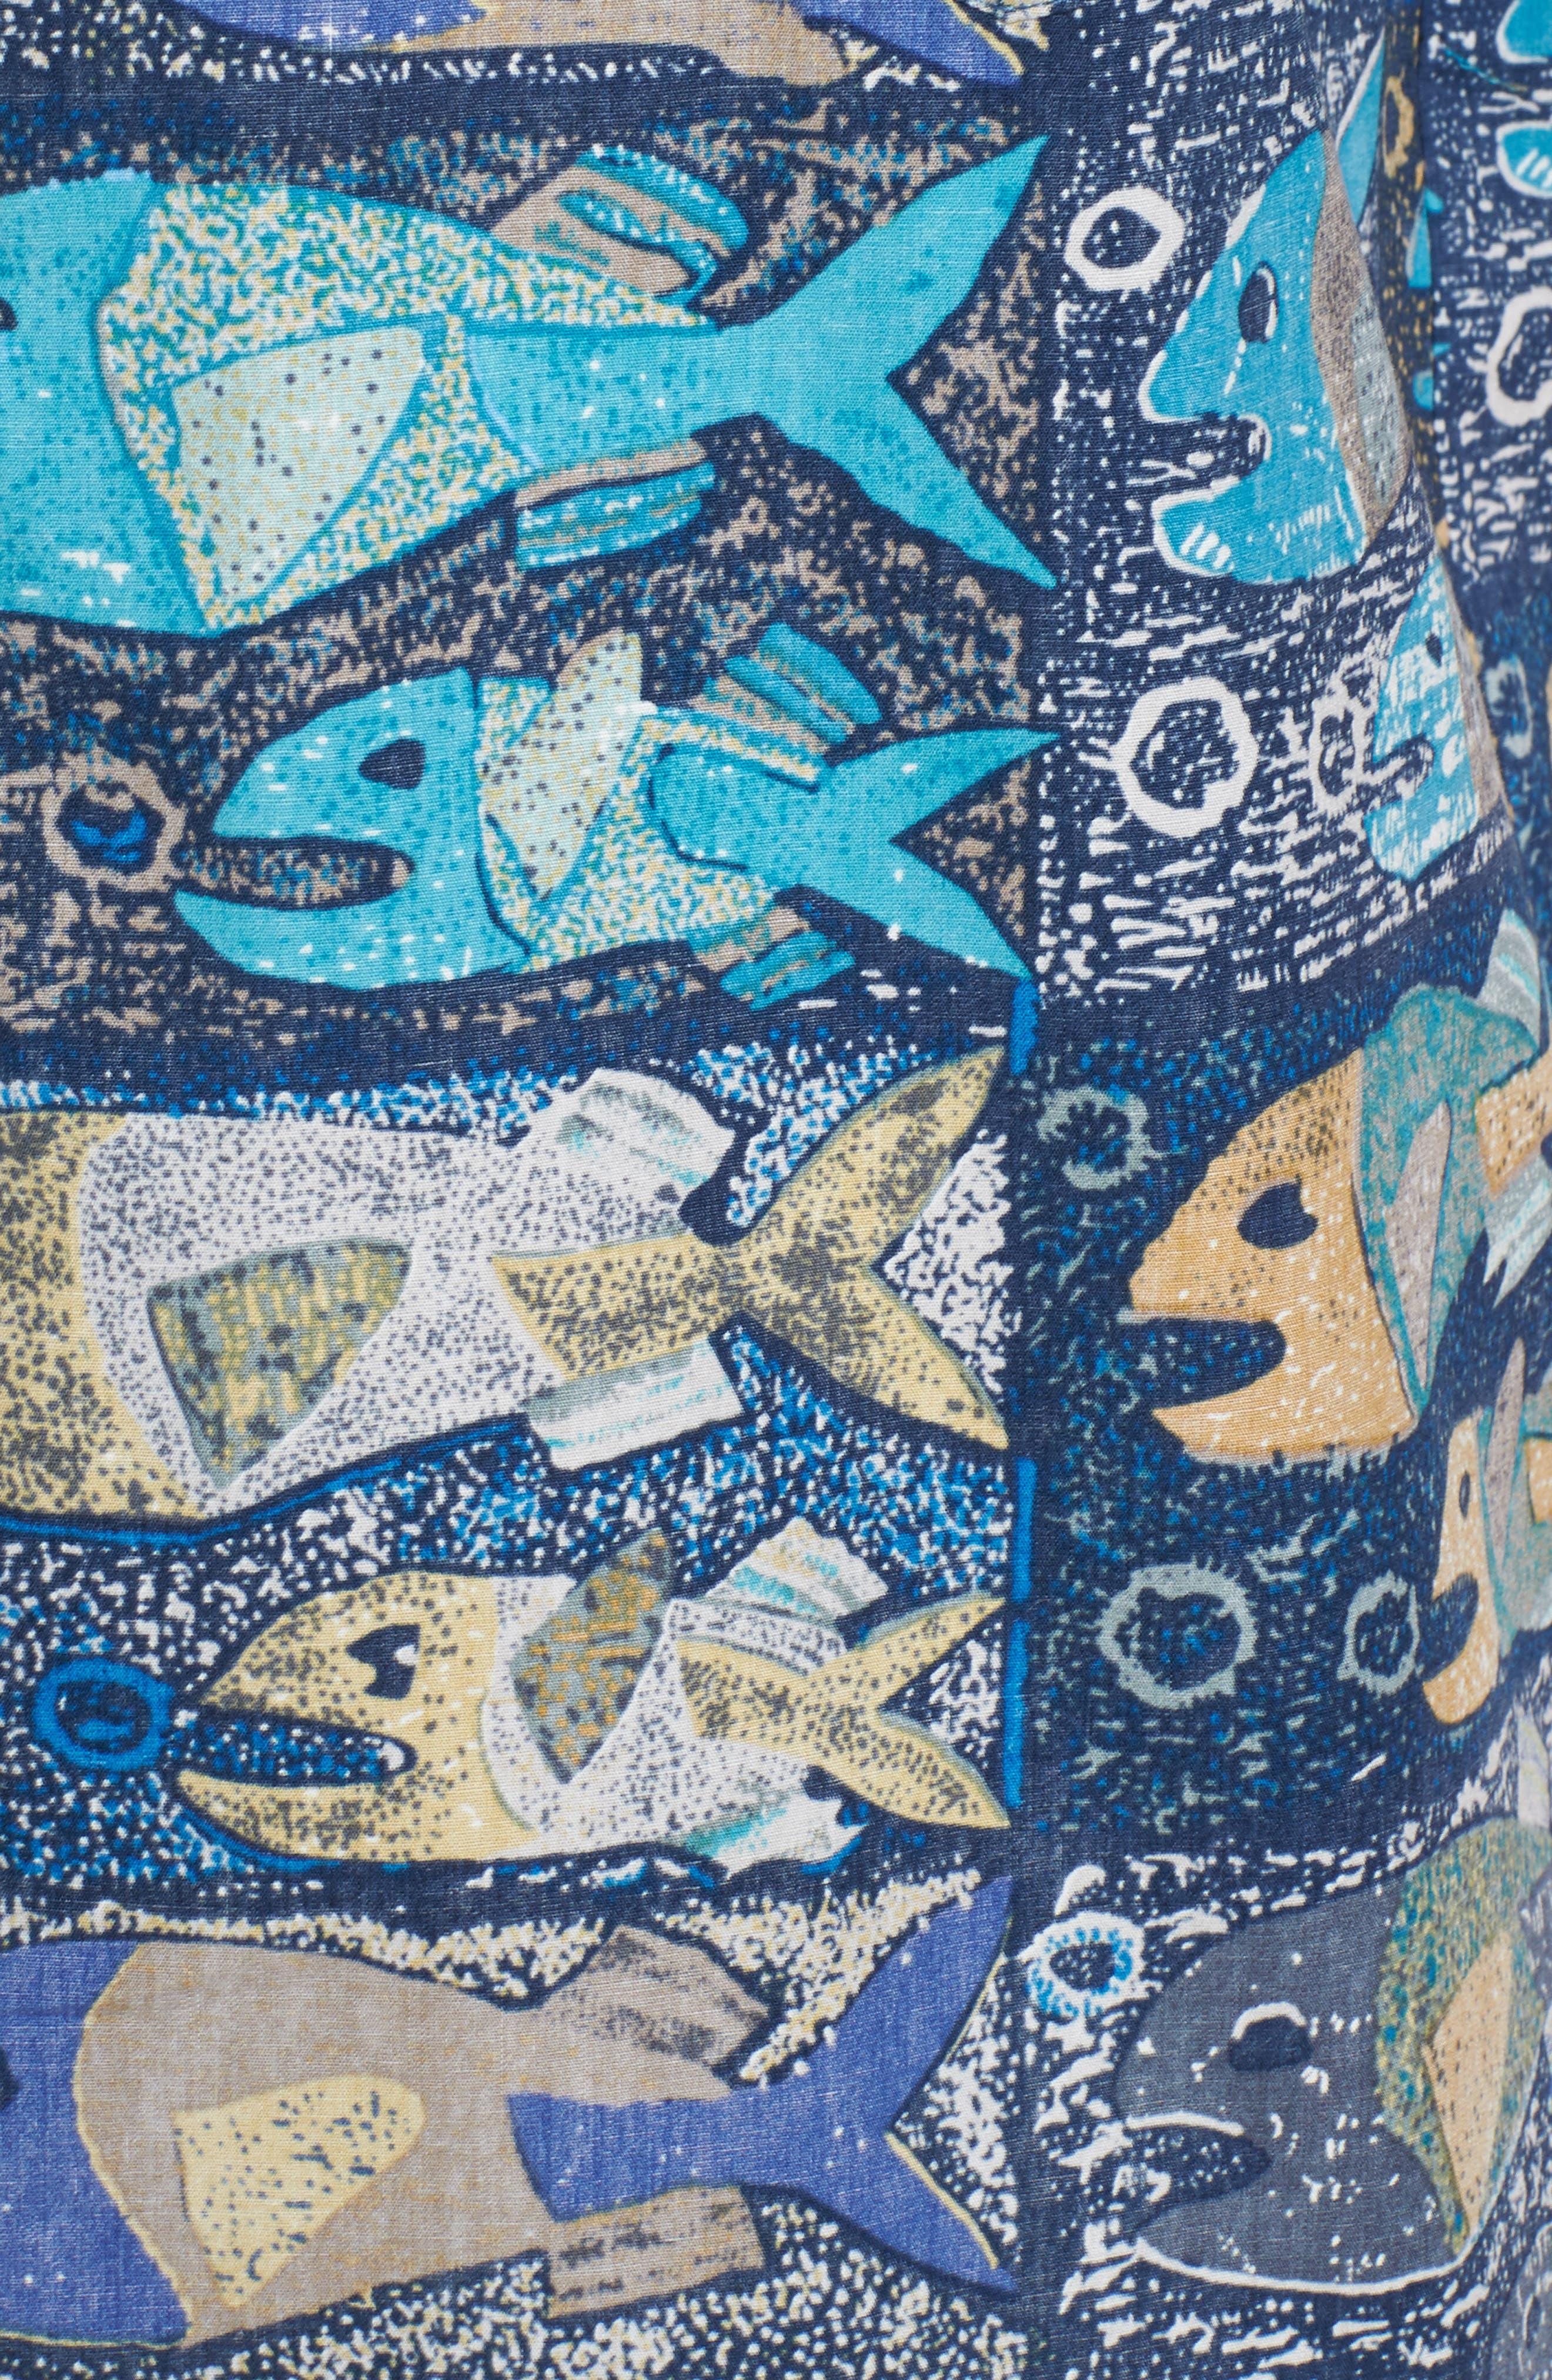 Stone Fish Print Sport Shirt,                             Alternate thumbnail 5, color,                             415